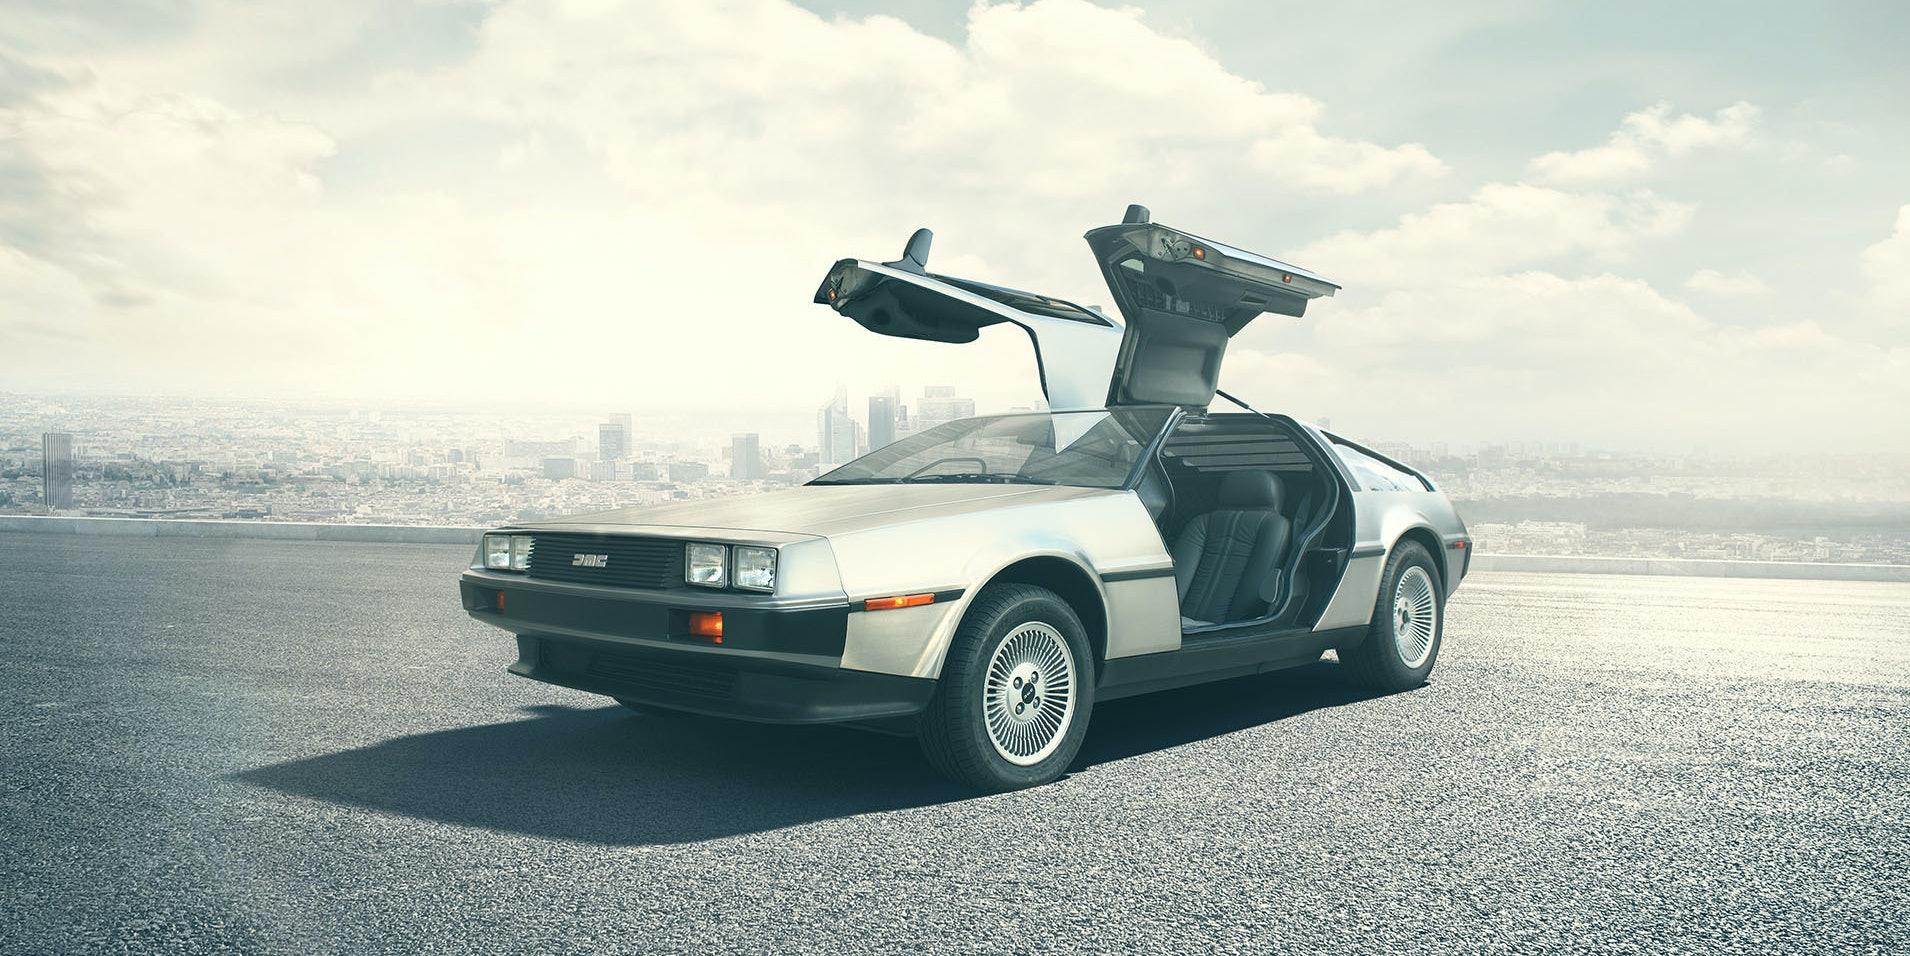 The DeLorean.